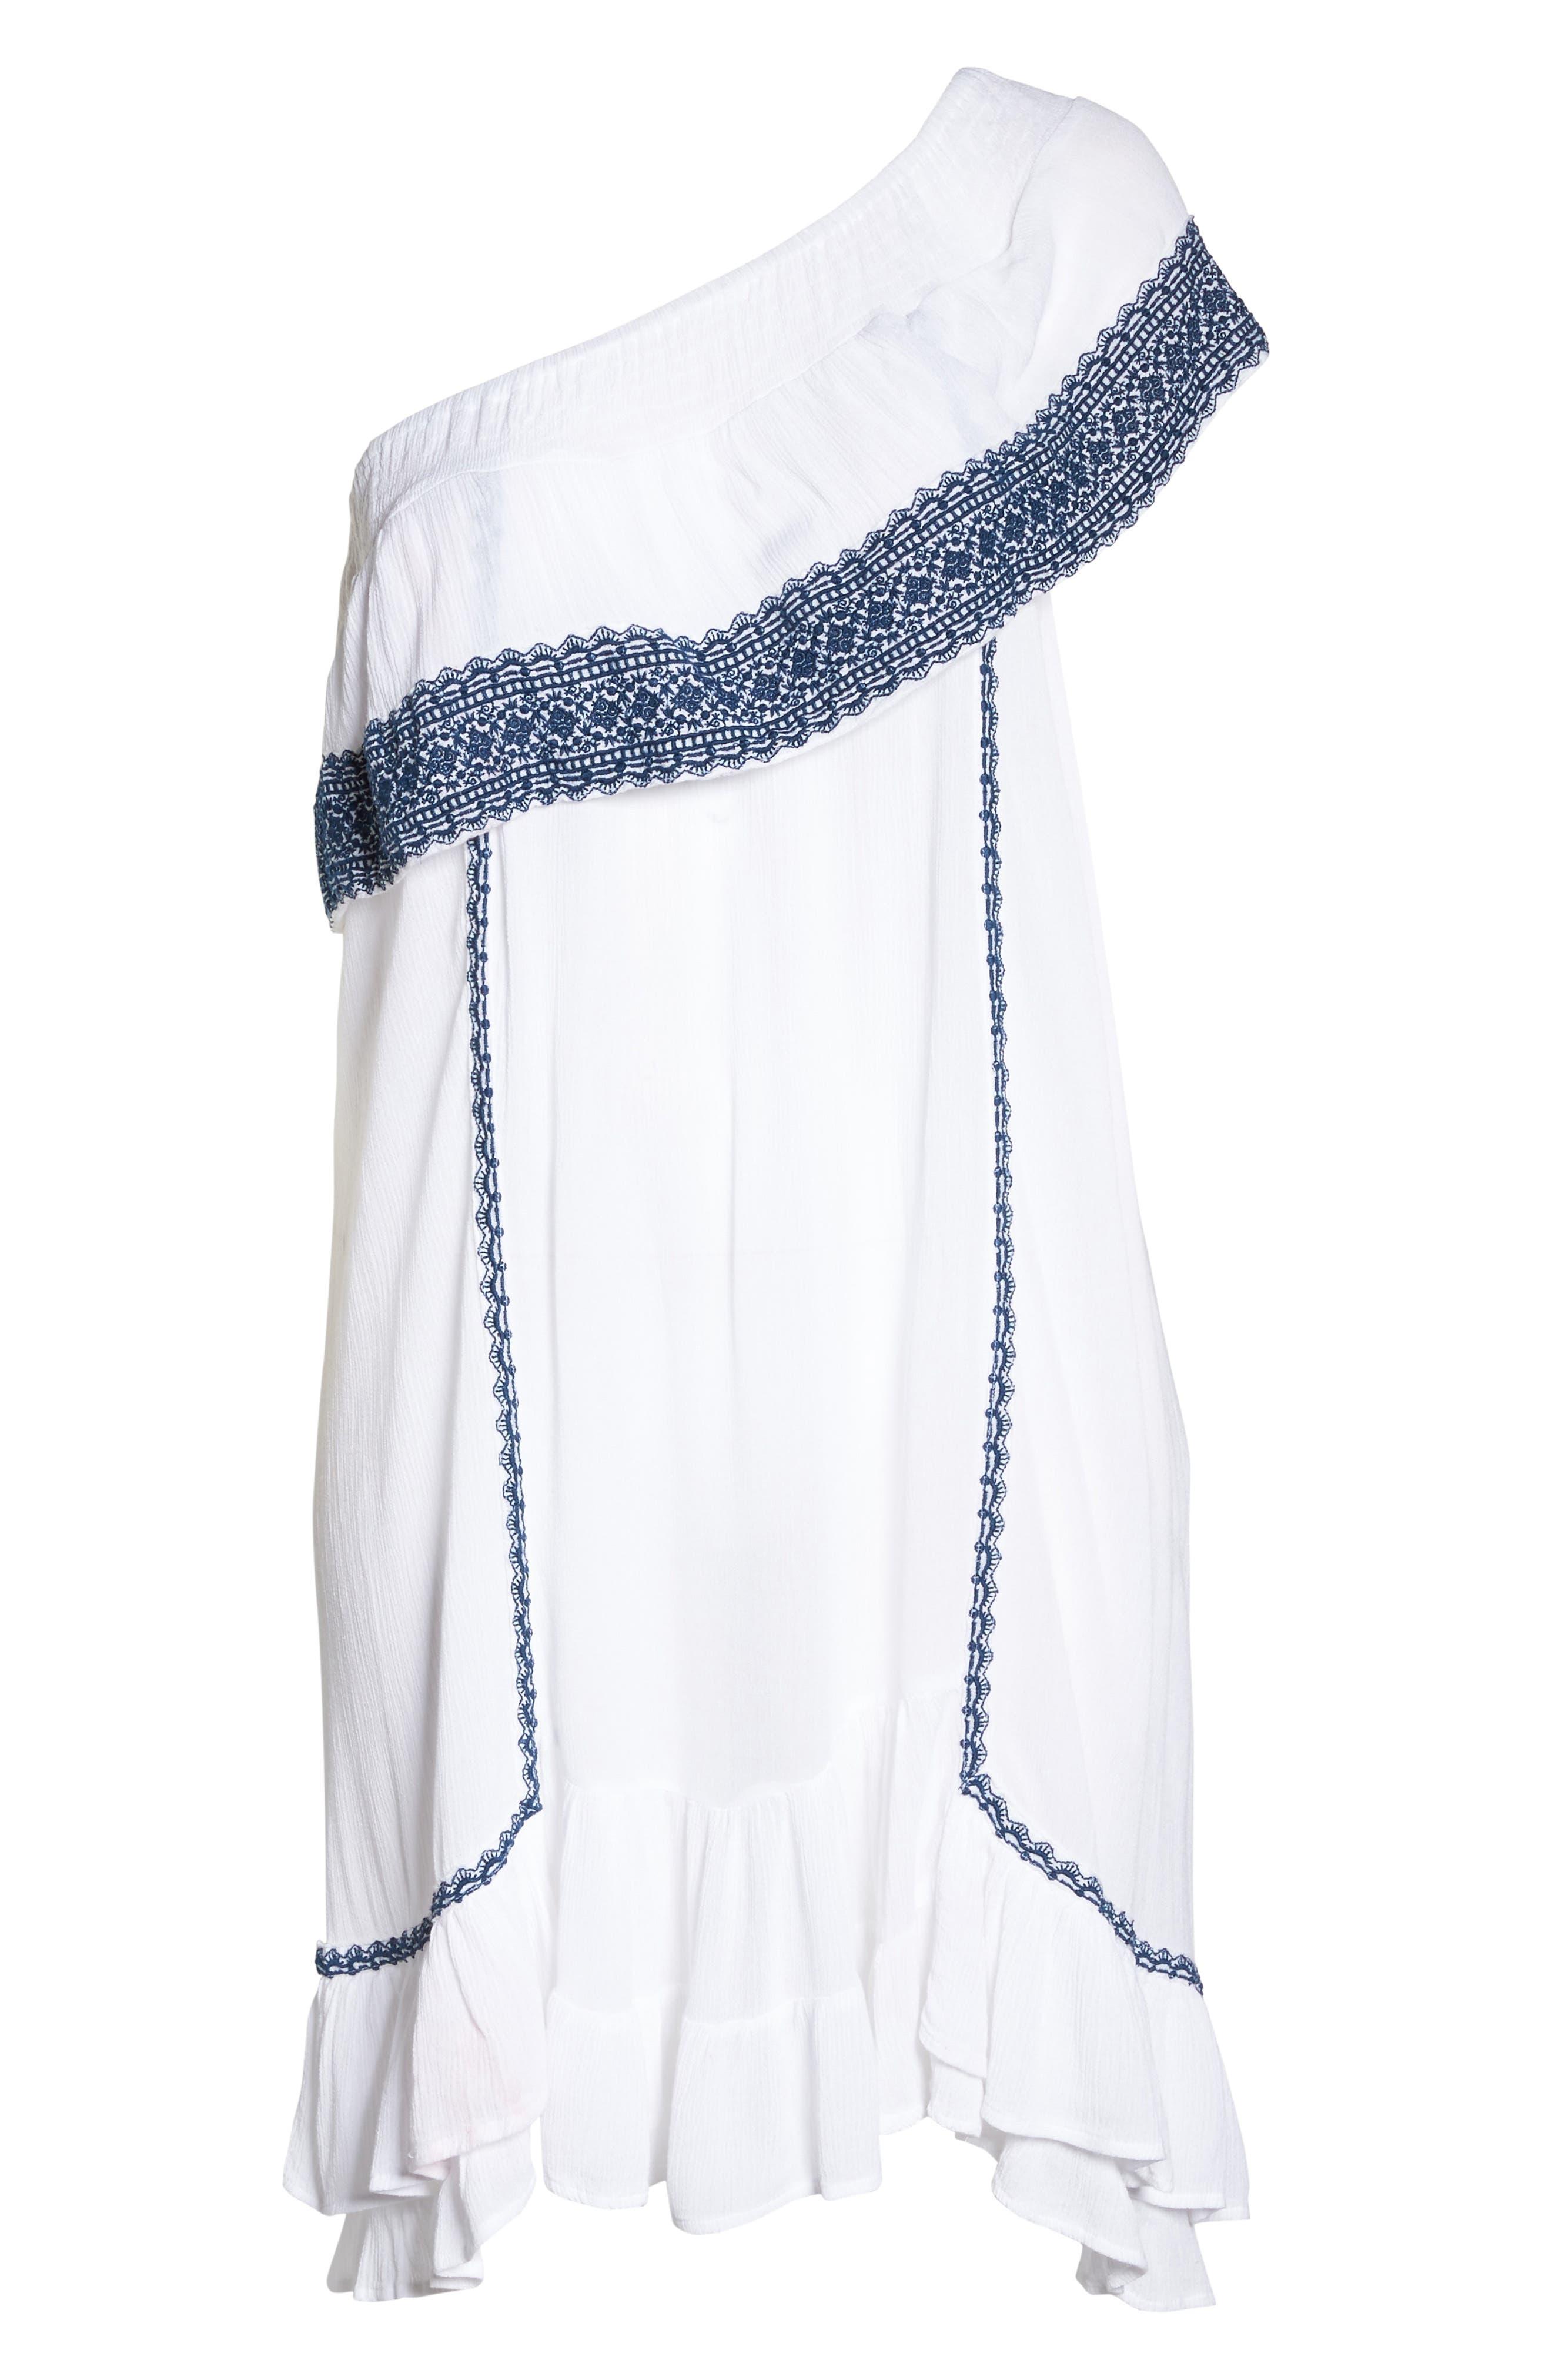 Gavin One-Shoulder Cover-Up Dress,                             Alternate thumbnail 6, color,                             White/ Navy